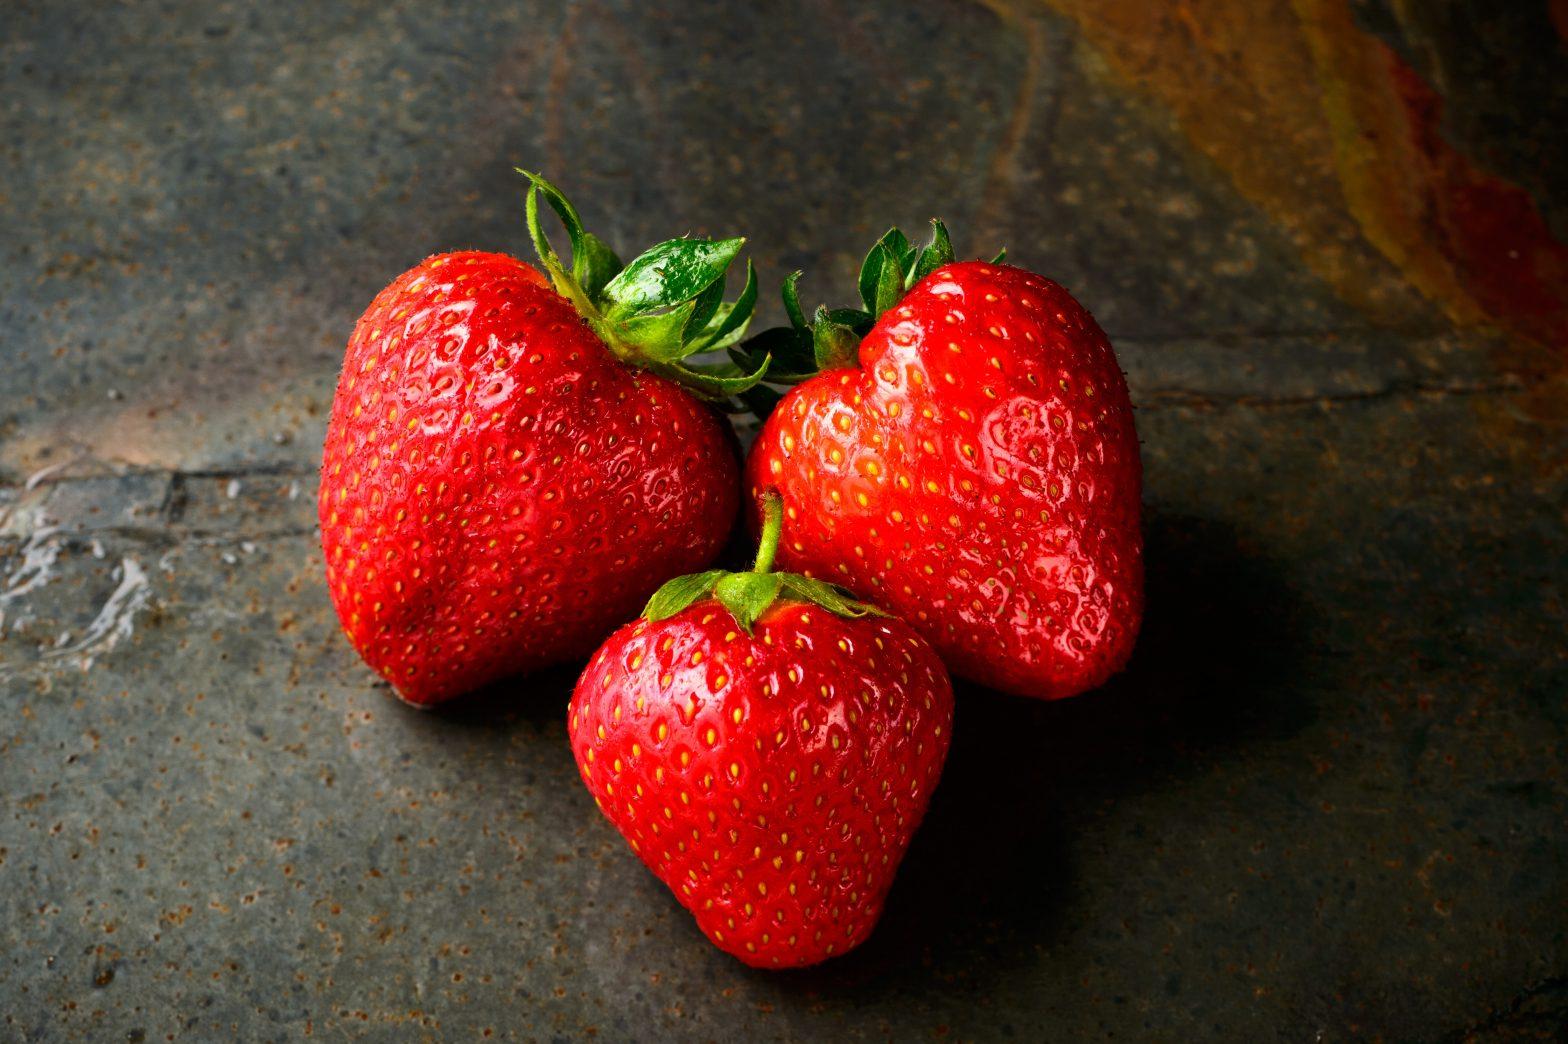 ГМО — поверхностный анализ